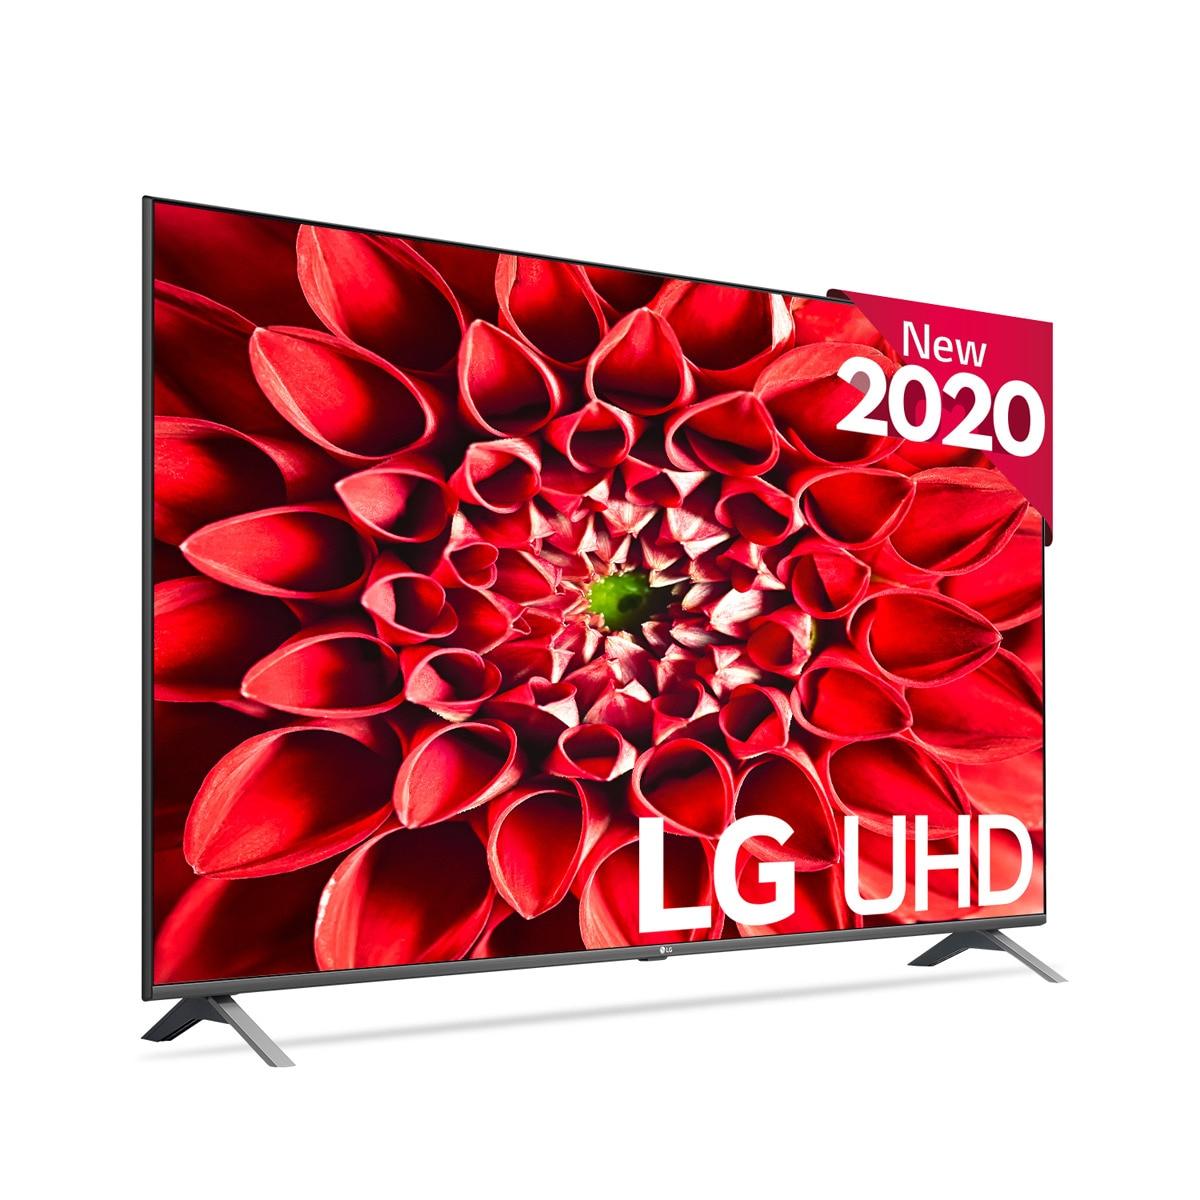 LG 65UN80006LA 4K